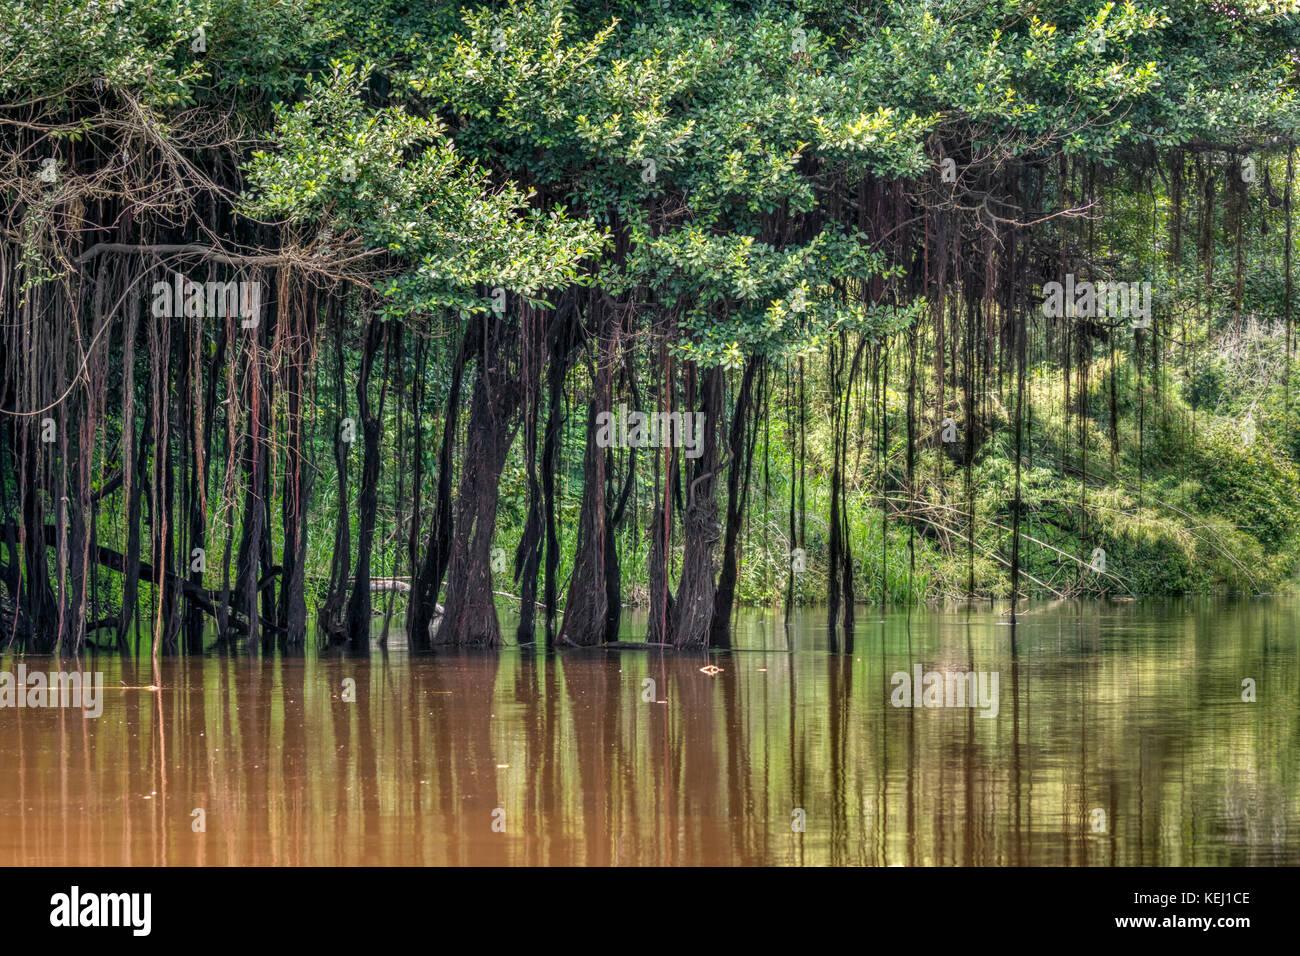 Selva Amazónica con raíces aéreas colgando de los árboles, la Reserva Nacional Pacaya Samiria, Imagen De Stock